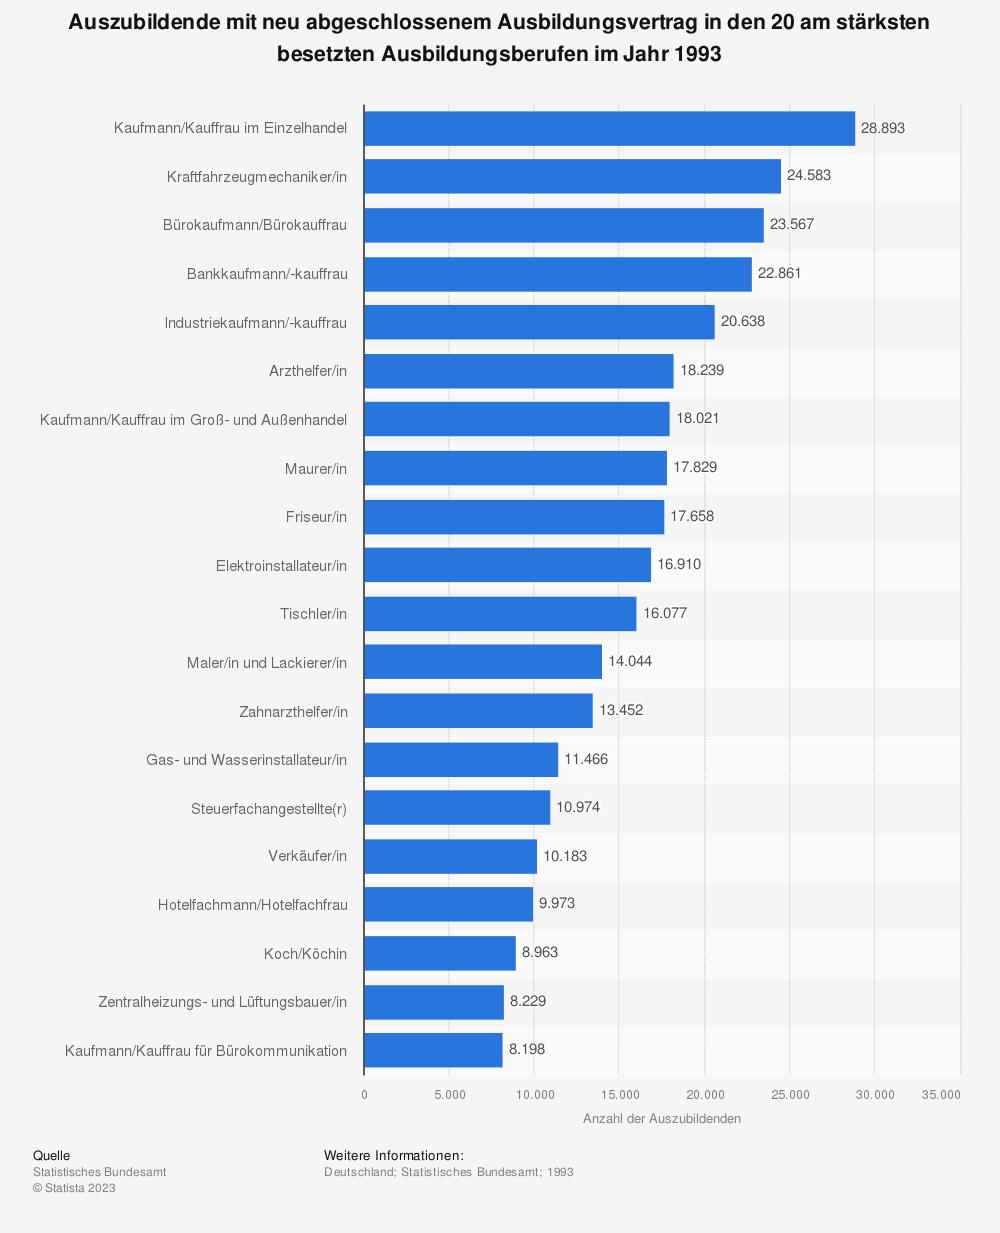 Statistik: Auszubildende mit neu abgeschlossenem Ausbildungsvertrag in den 20 am stärksten besetzten Ausbildungsberufen im Jahr 1993 | Statista